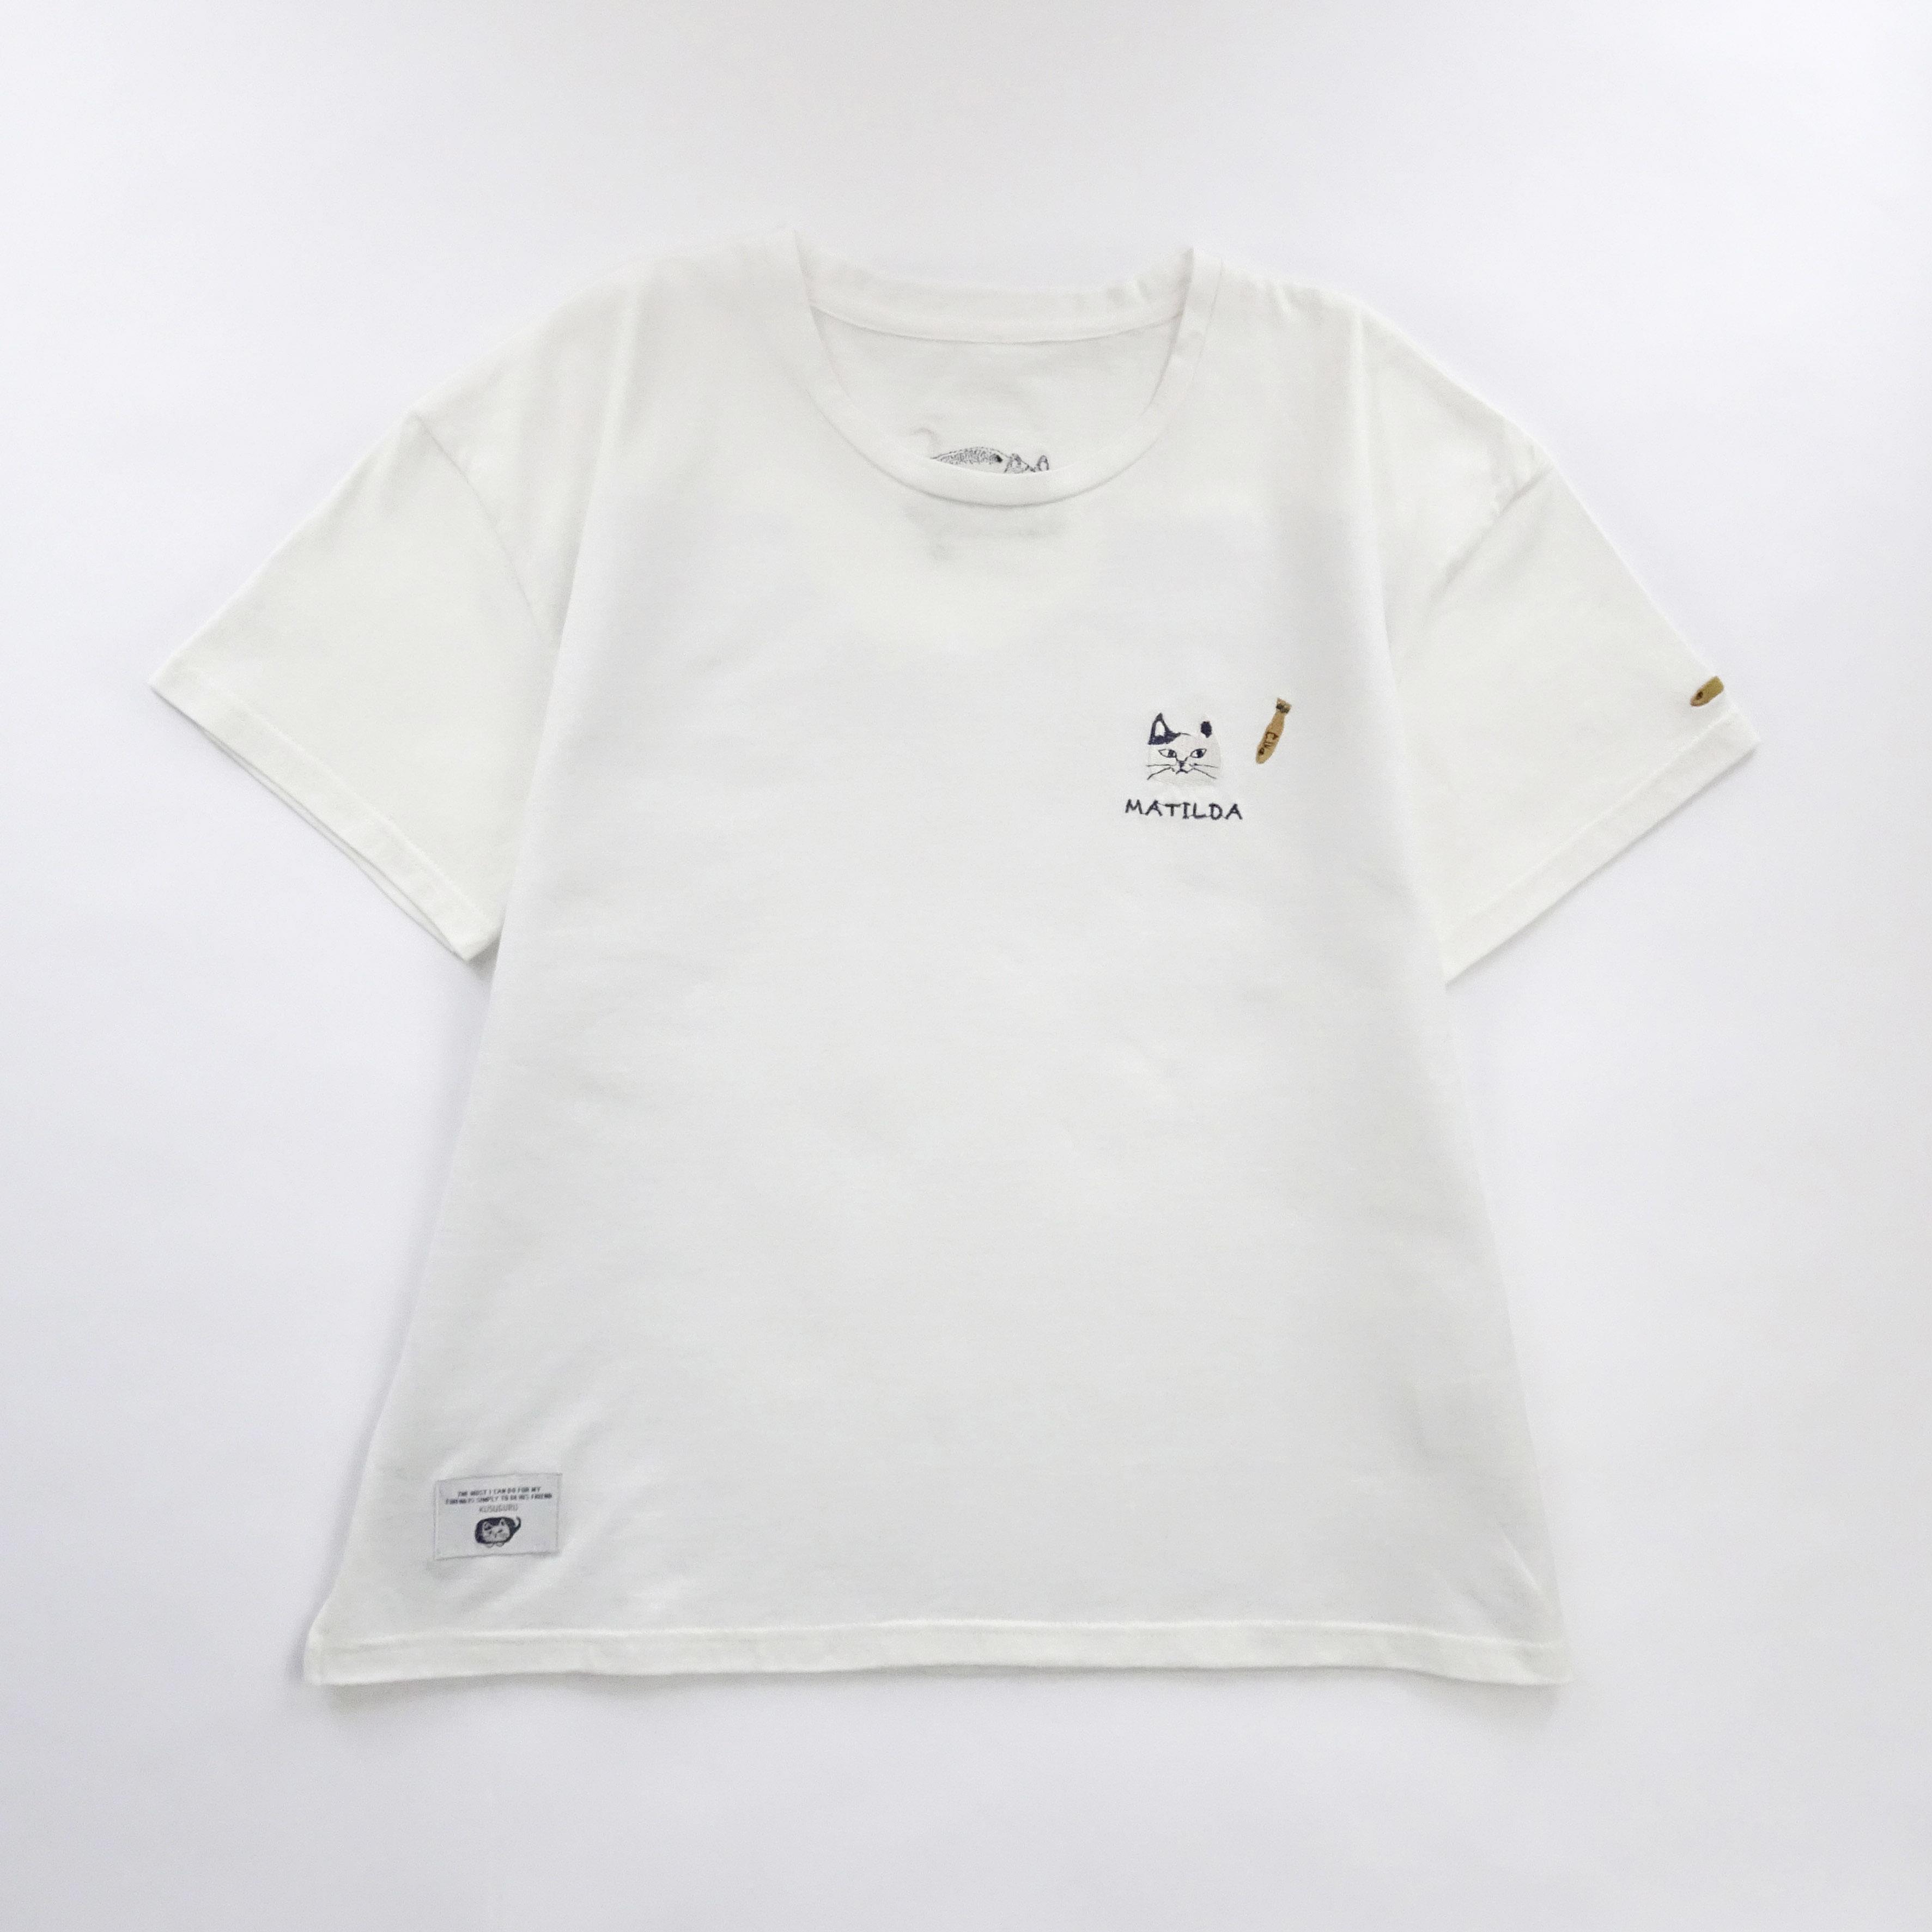 Tシャツ 「マチルダさんTシャツ シロ」